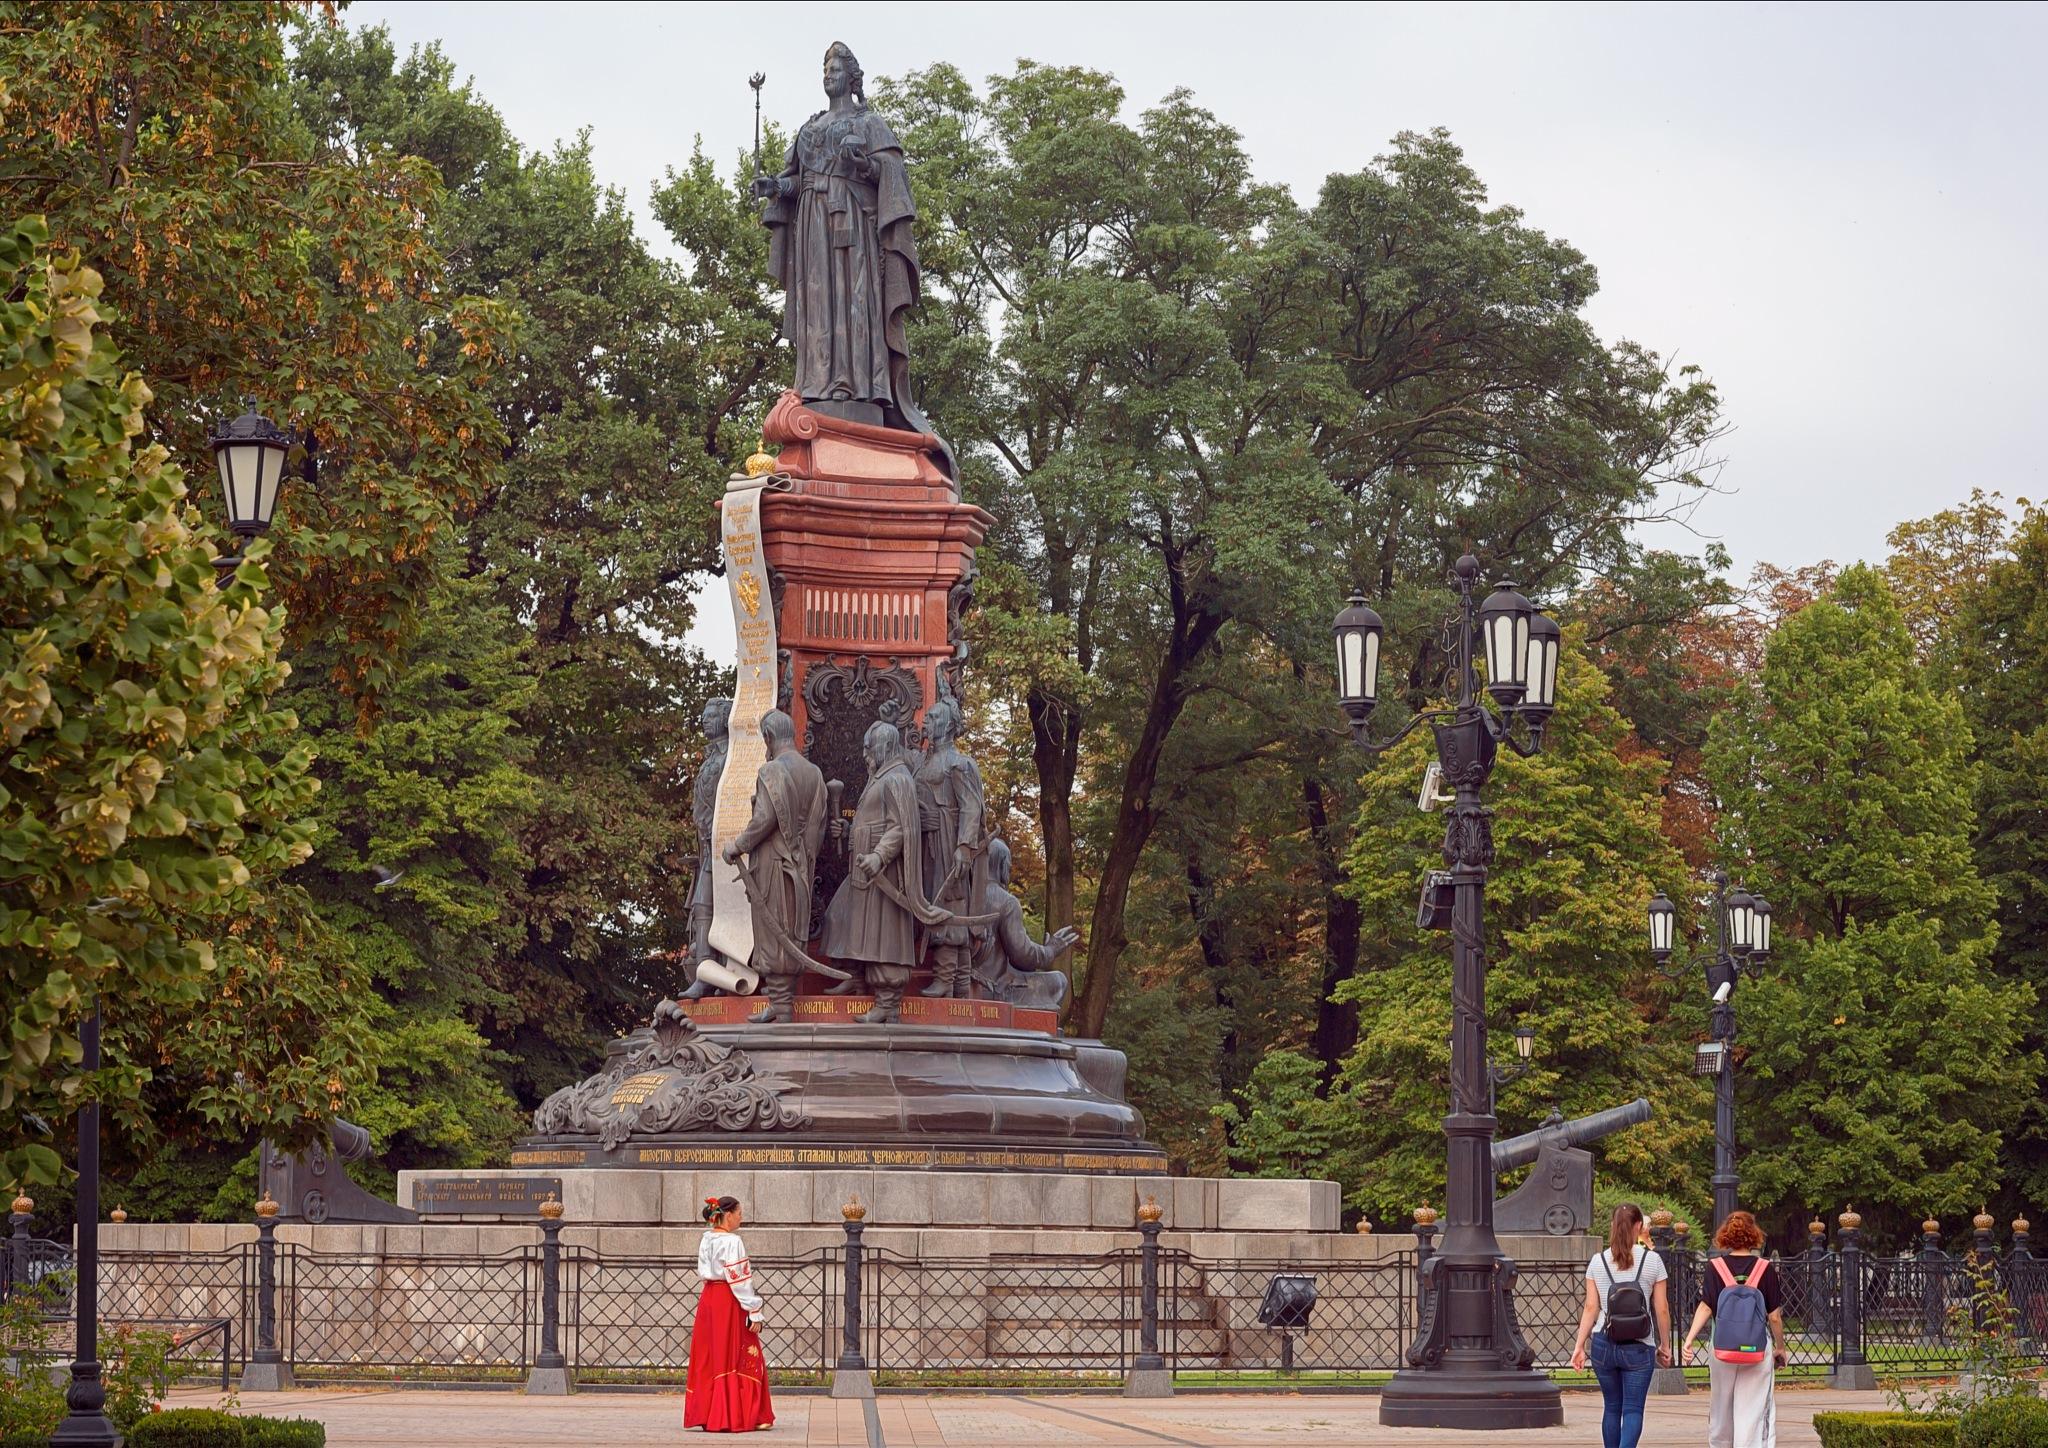 Monument to Catherine the great in Krasnodar by Igor Khizhnyak